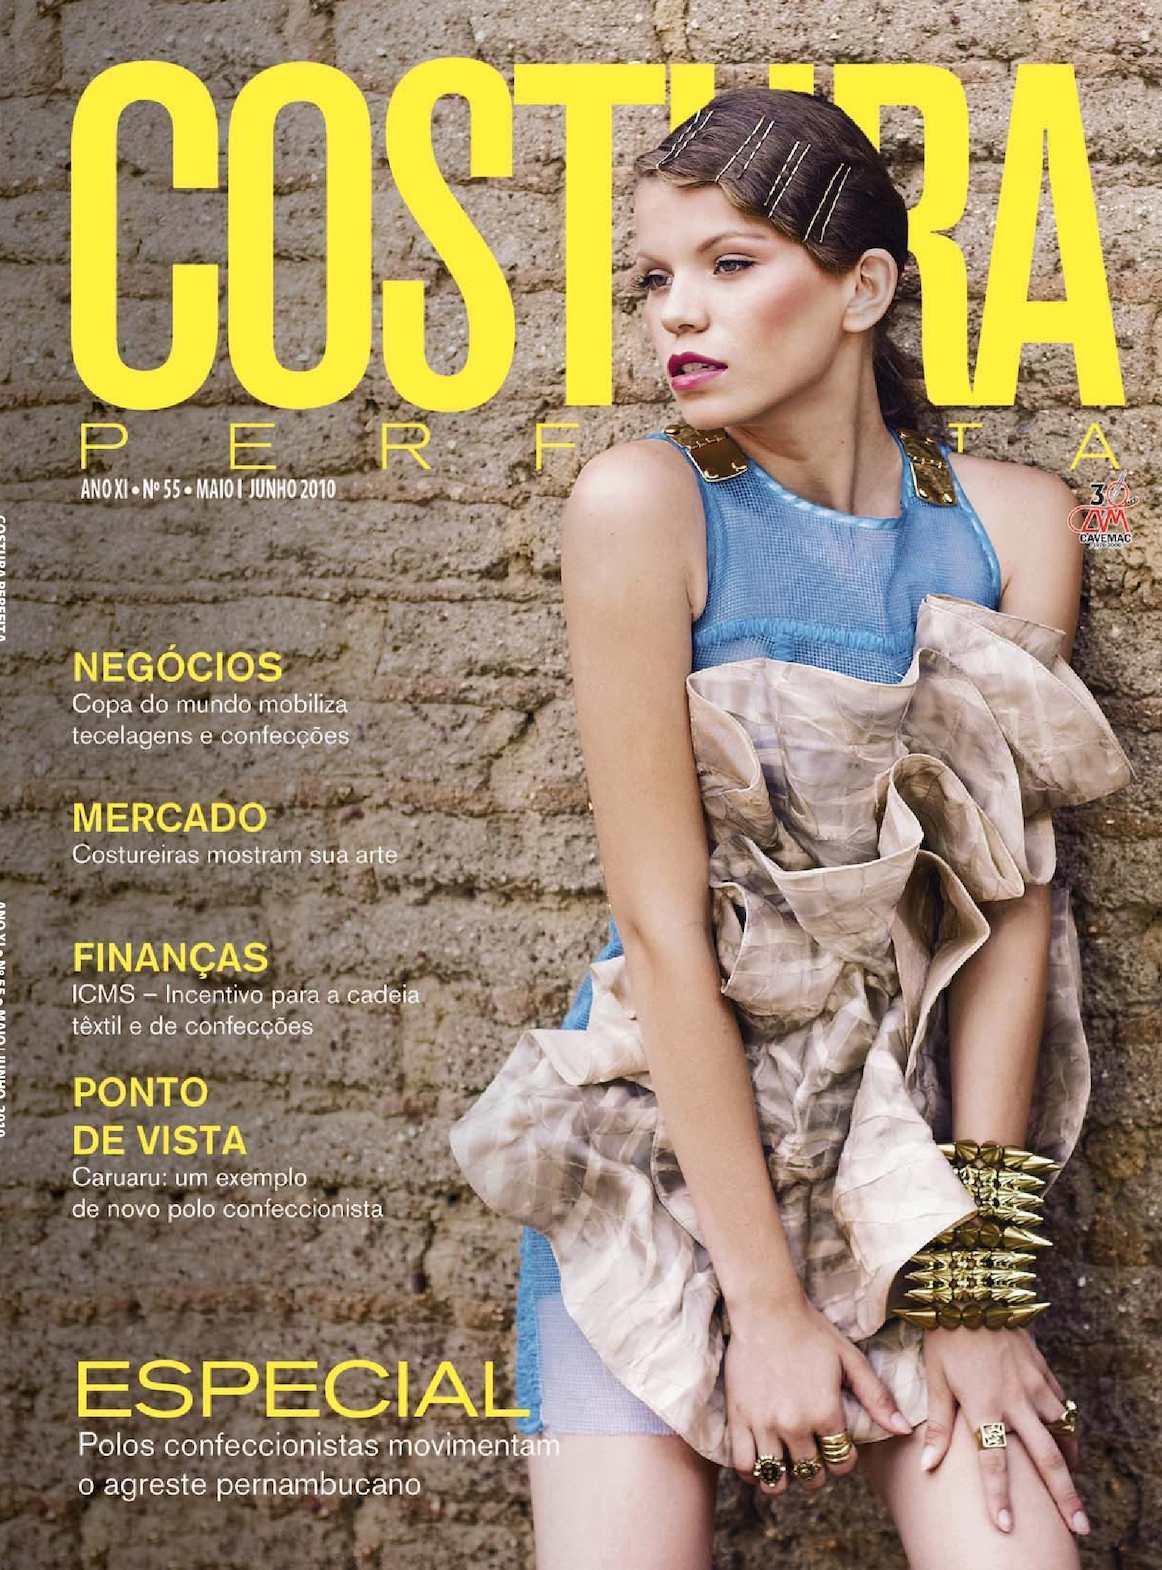 8fe3e7d8b Calaméo - Revista Costura Perfeita Edição Ano XI - N55 - Maio-Junho 2010